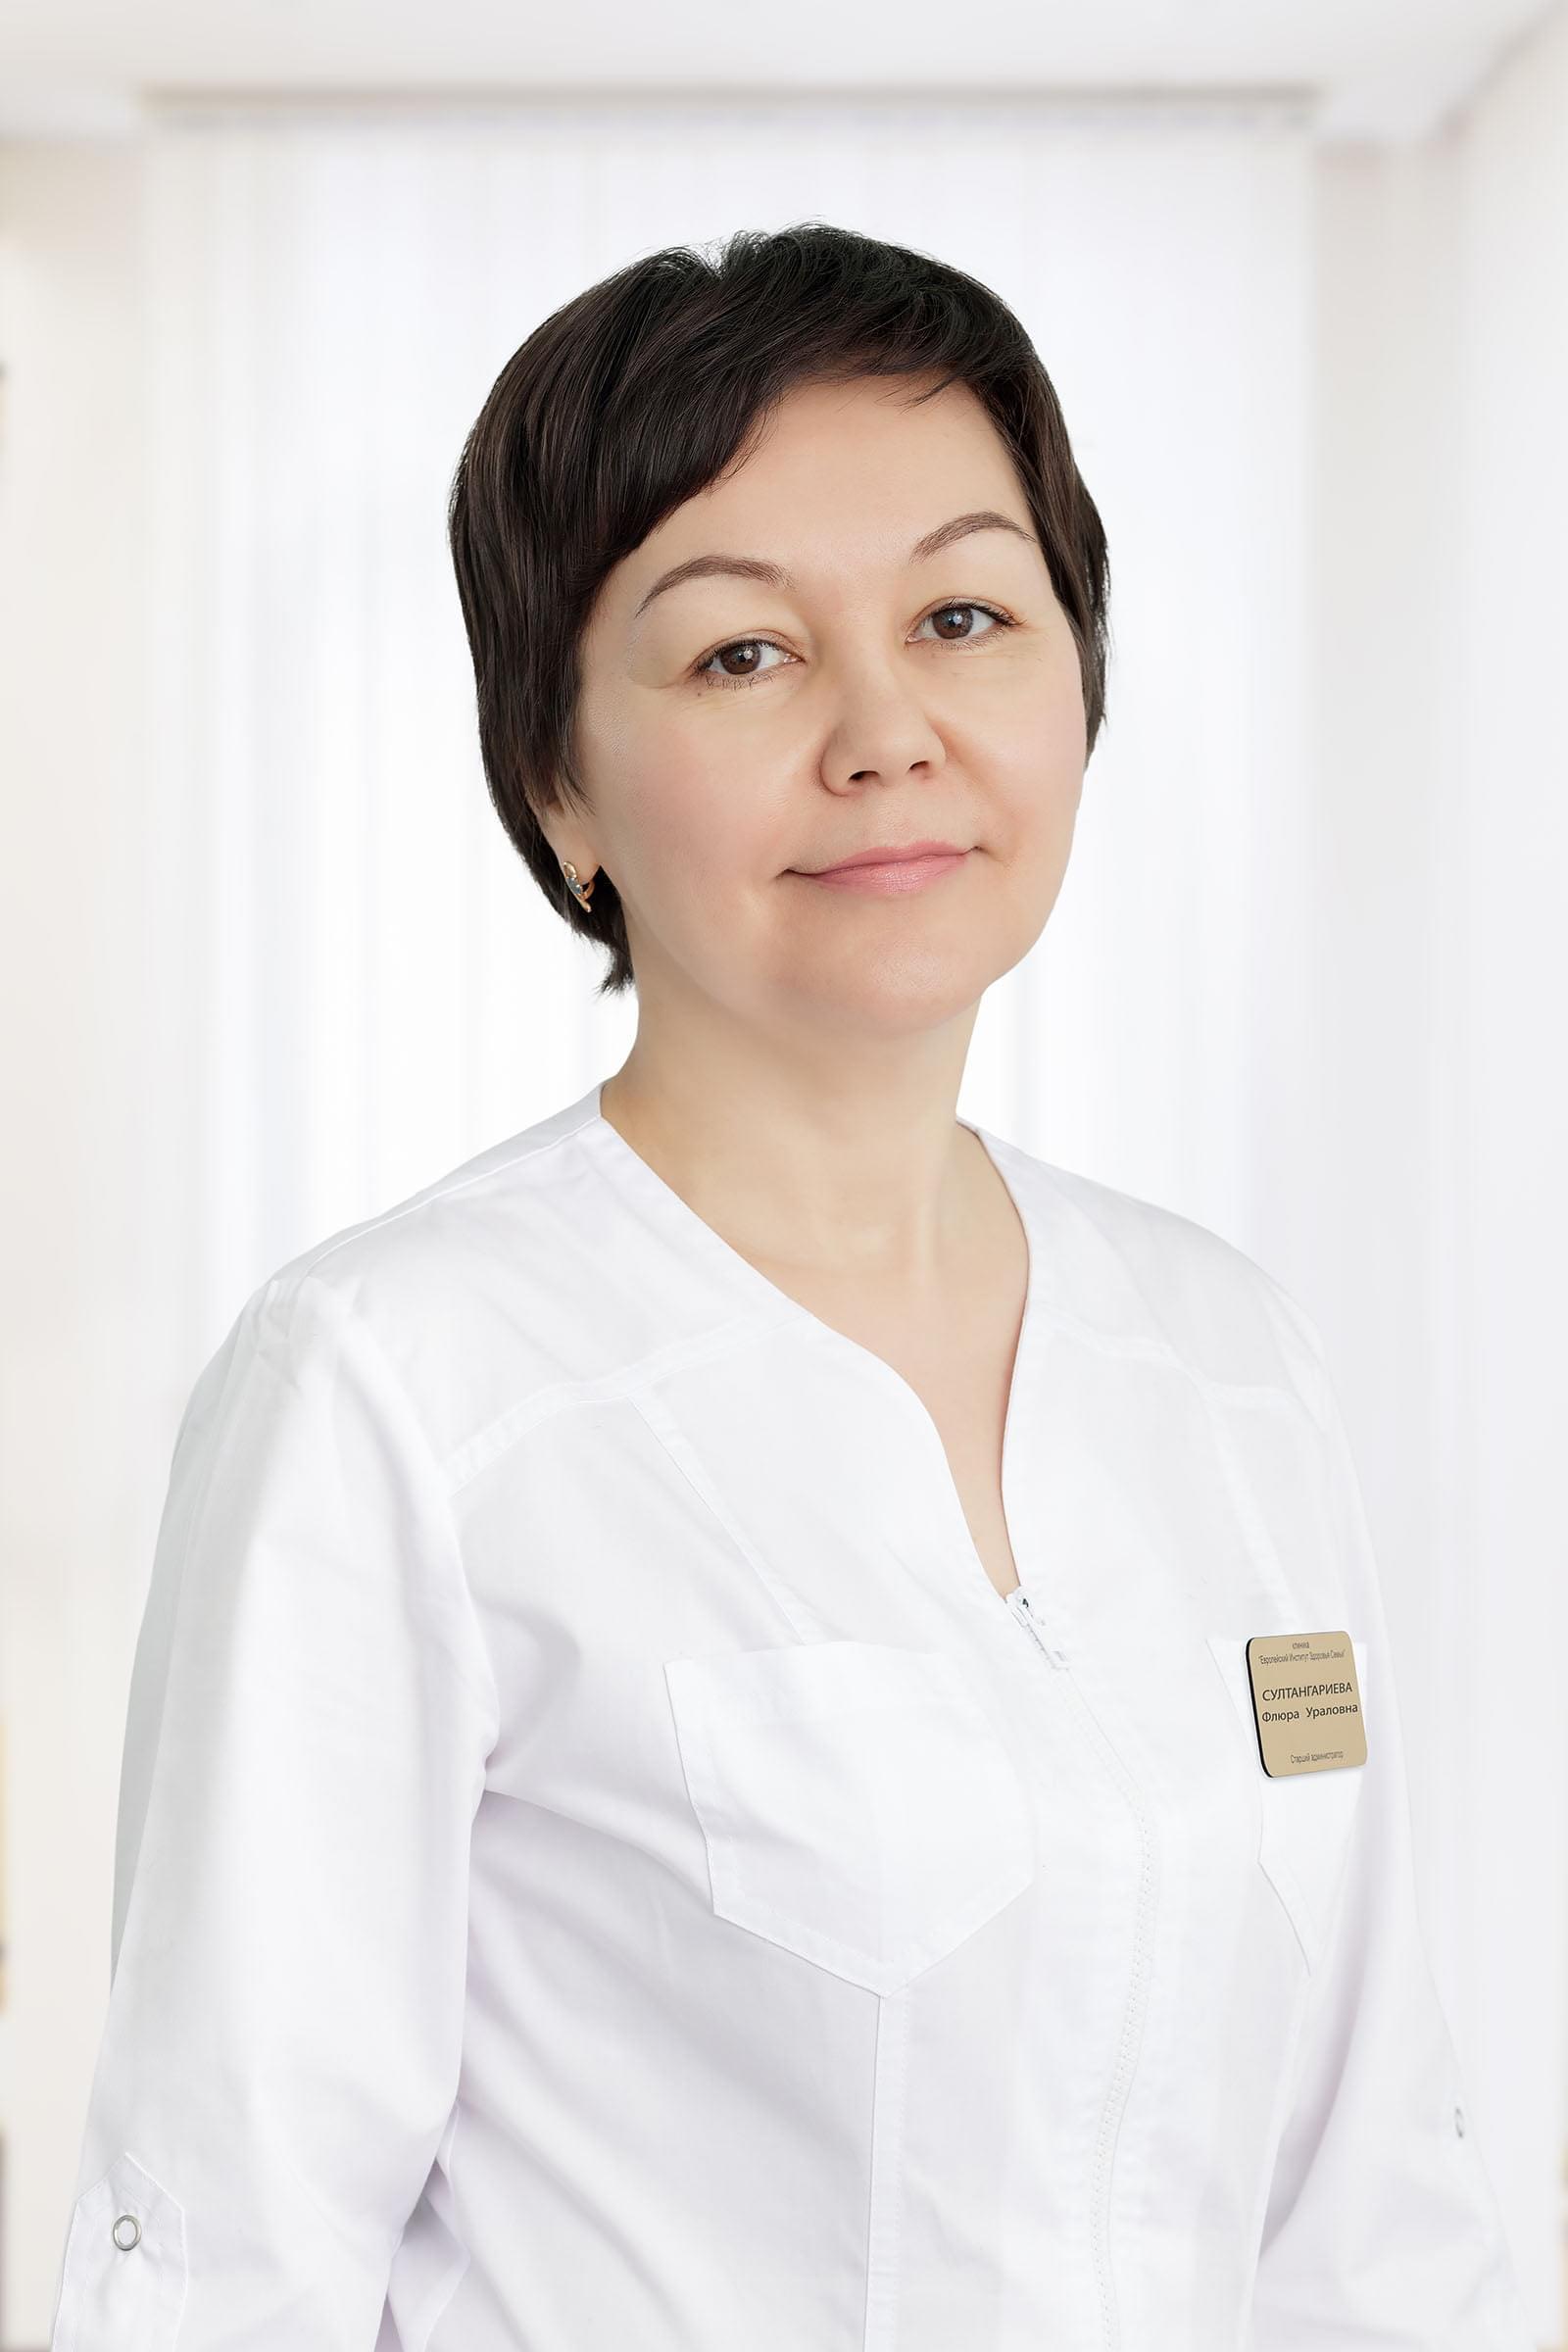 Султангариева Флюра Ураловна : Эндокринолог высшей категории, врач ультразвуковой диагностики.